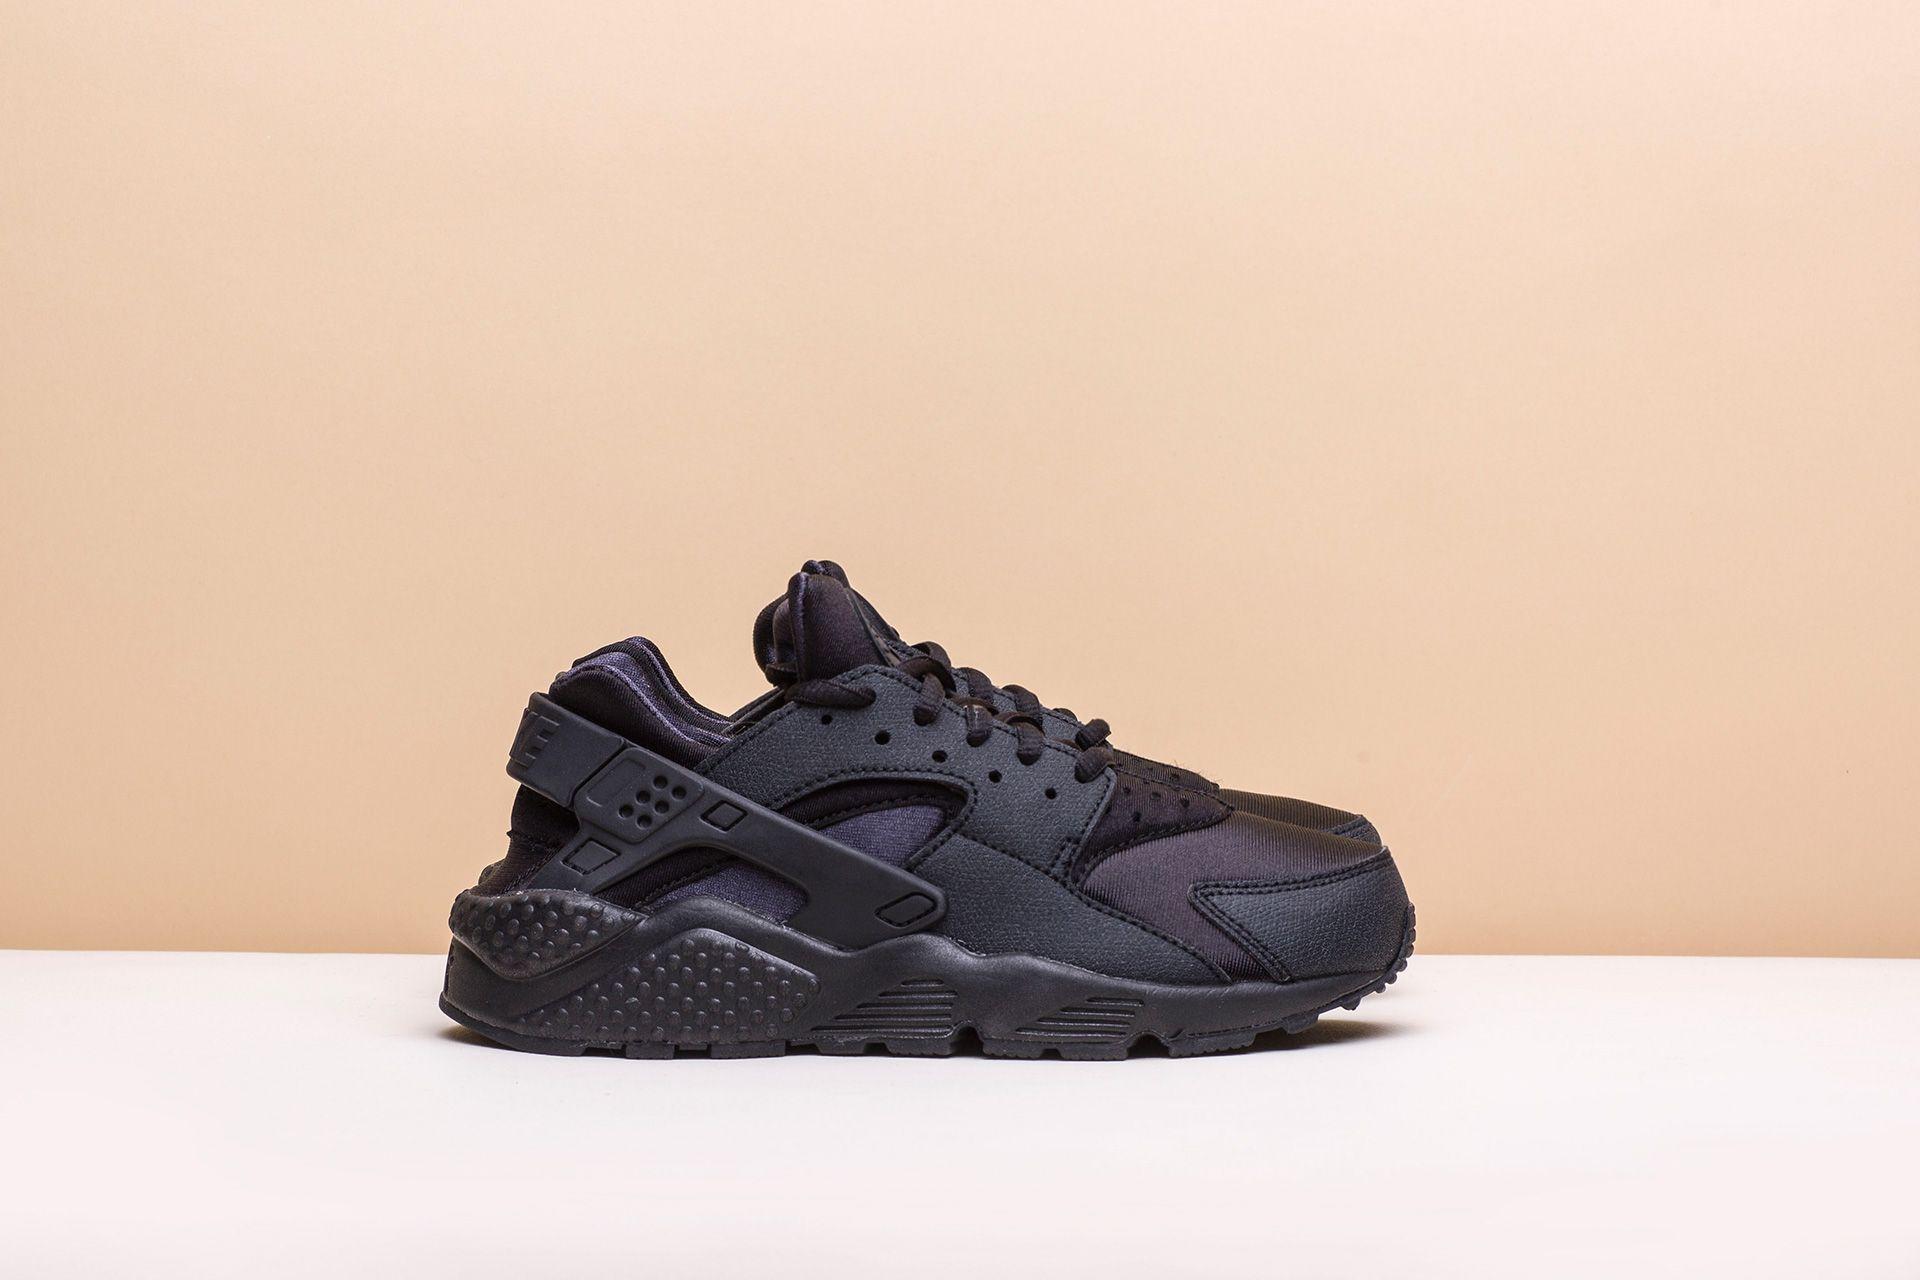 3bee78d1 Купить черные женские кроссовки WMNS Air Huarache Run от Nike ...